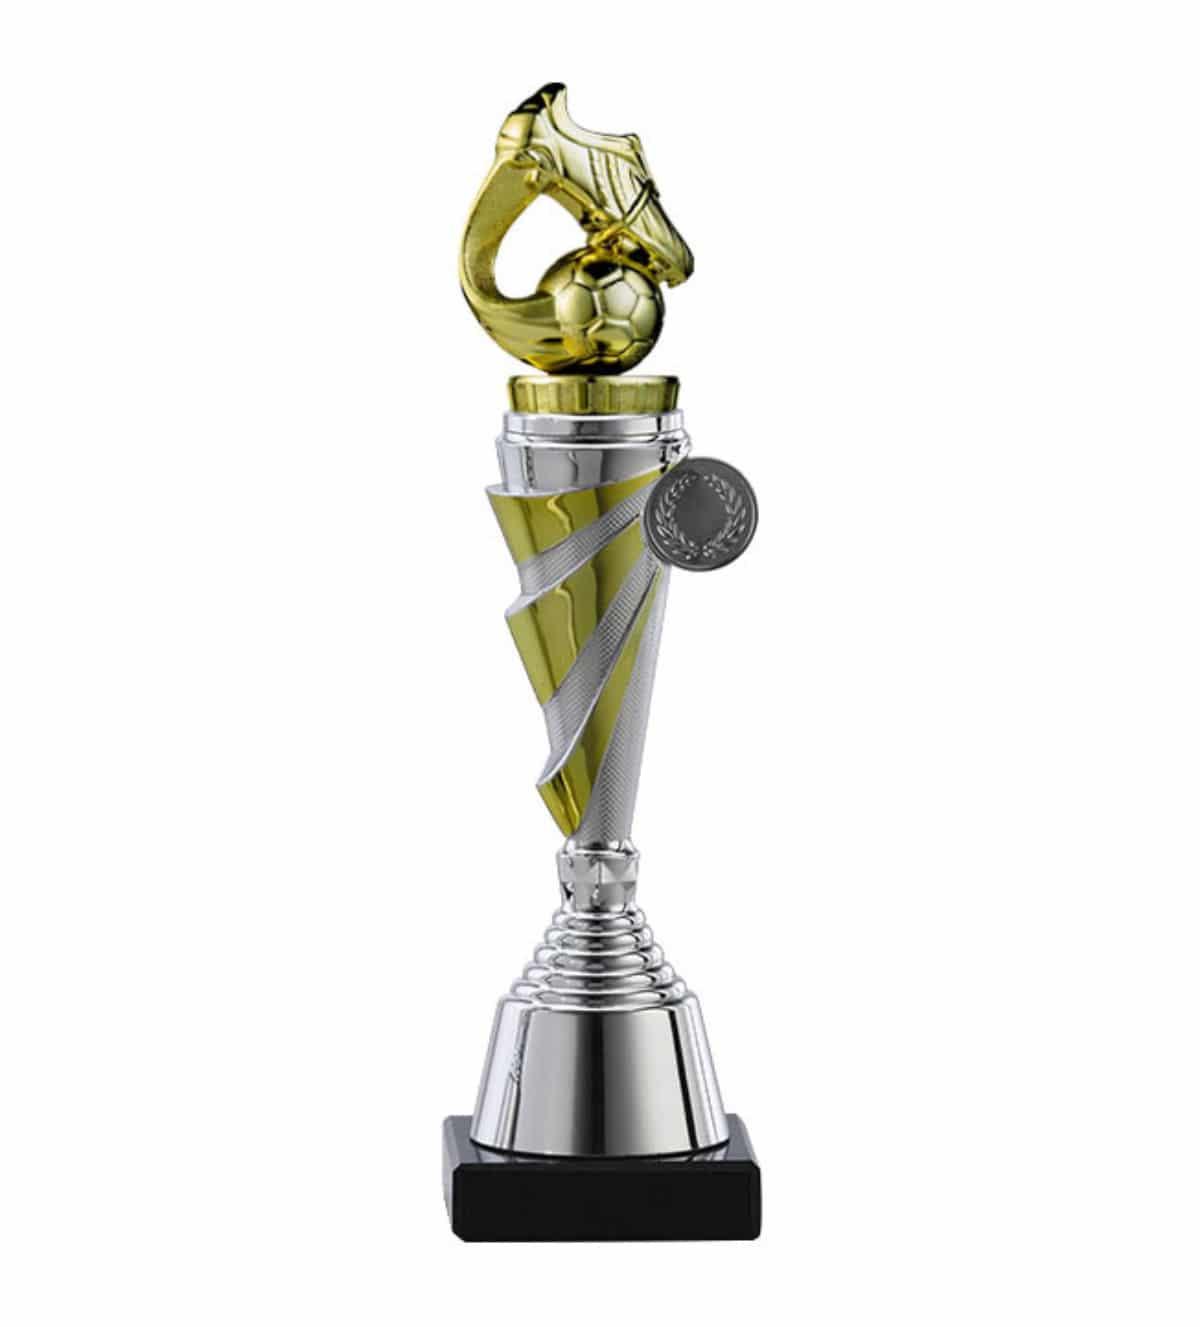 voetbal trofee